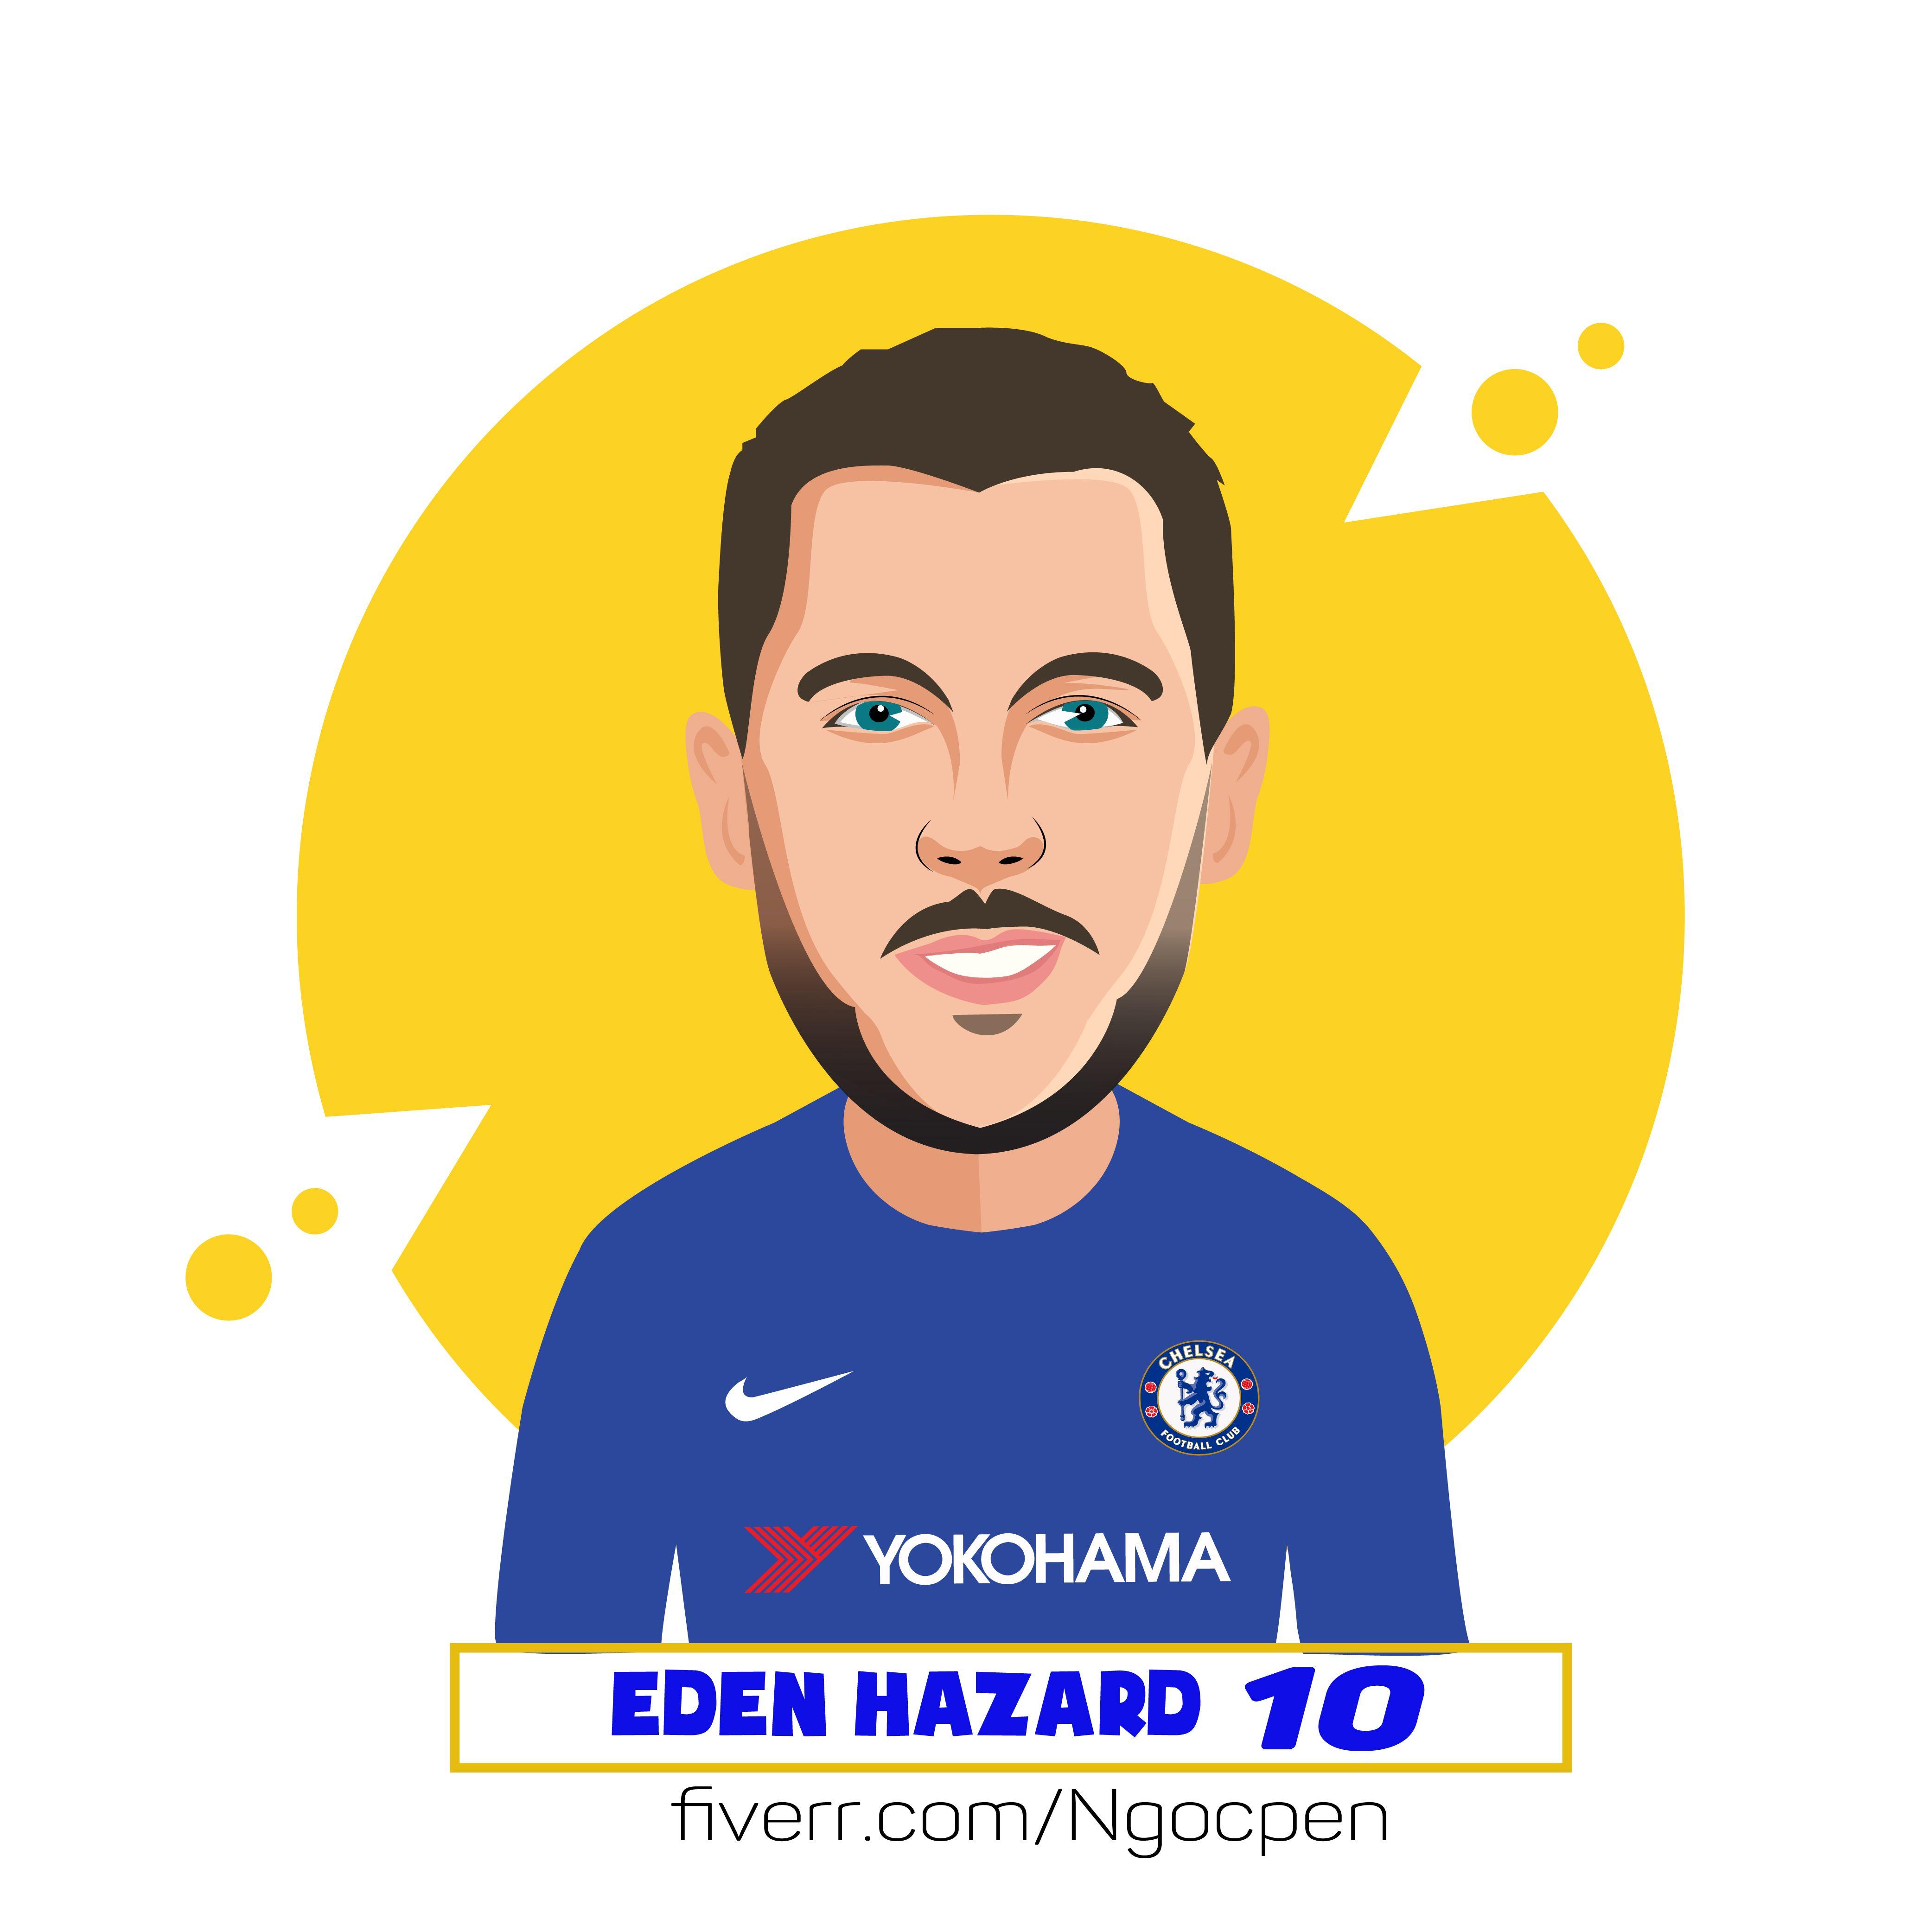 6c9ff14f3 Eden Hazard style cartoon portrait